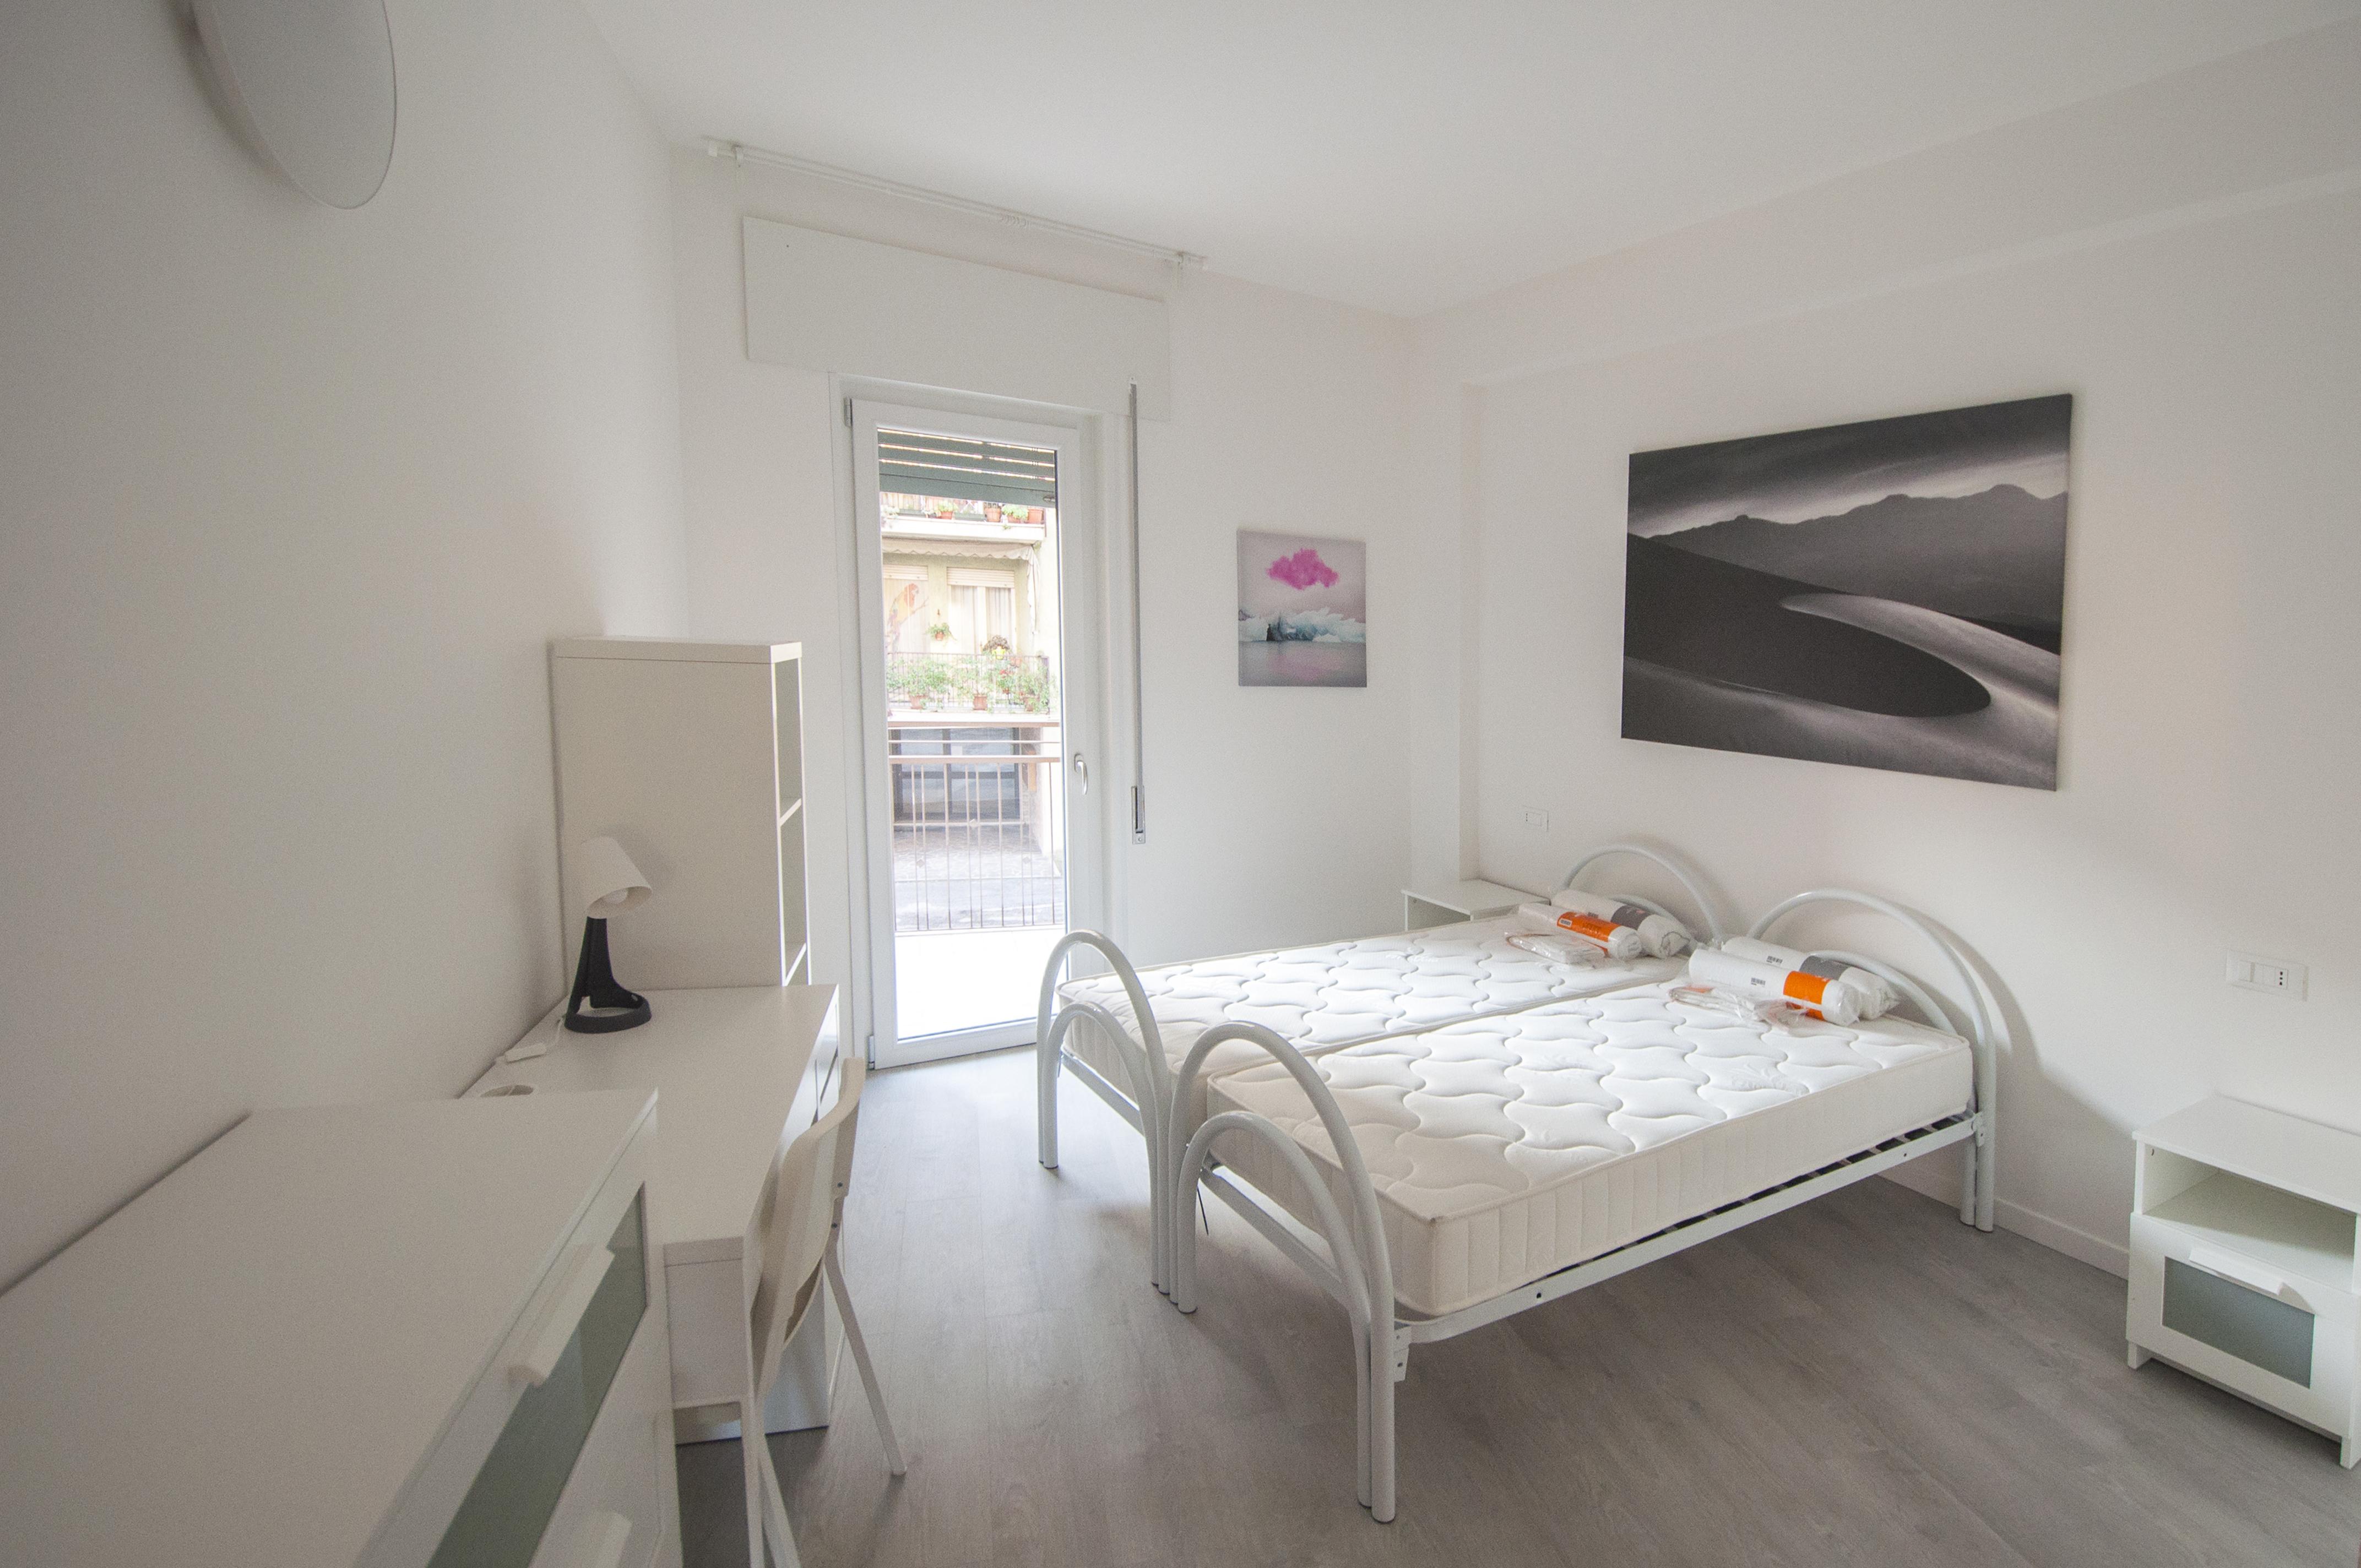 Camere in affitto-Treviso-Ospedale-Stazione-Studio-Architettura-Zanatta_06